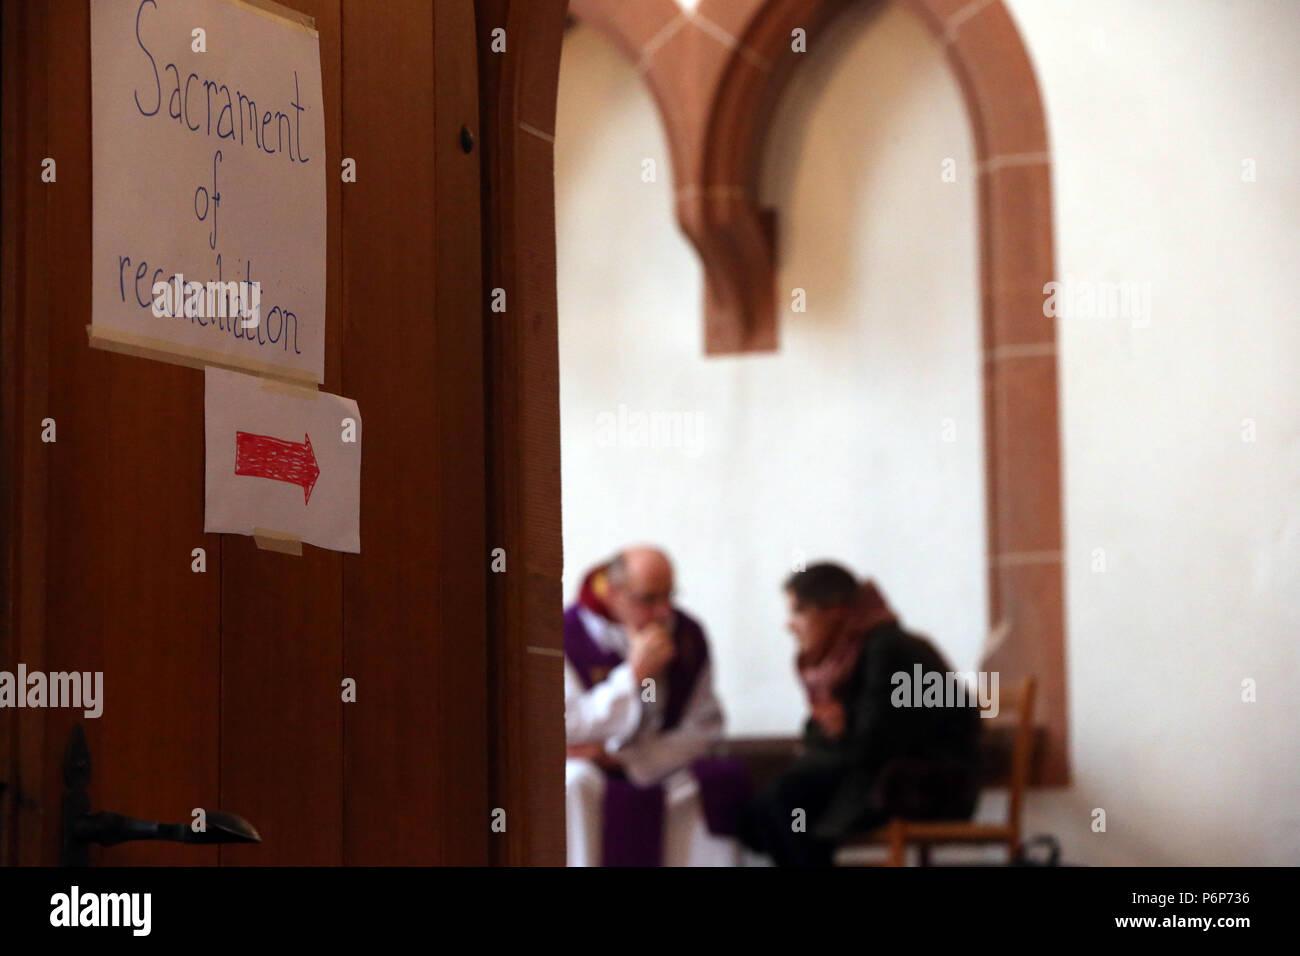 Leonhardskirche. Incontro europeo dei giovani di Taizé a Basilea. Sacramento della riconciliazione. Basilea. La Svizzera. Foto Stock